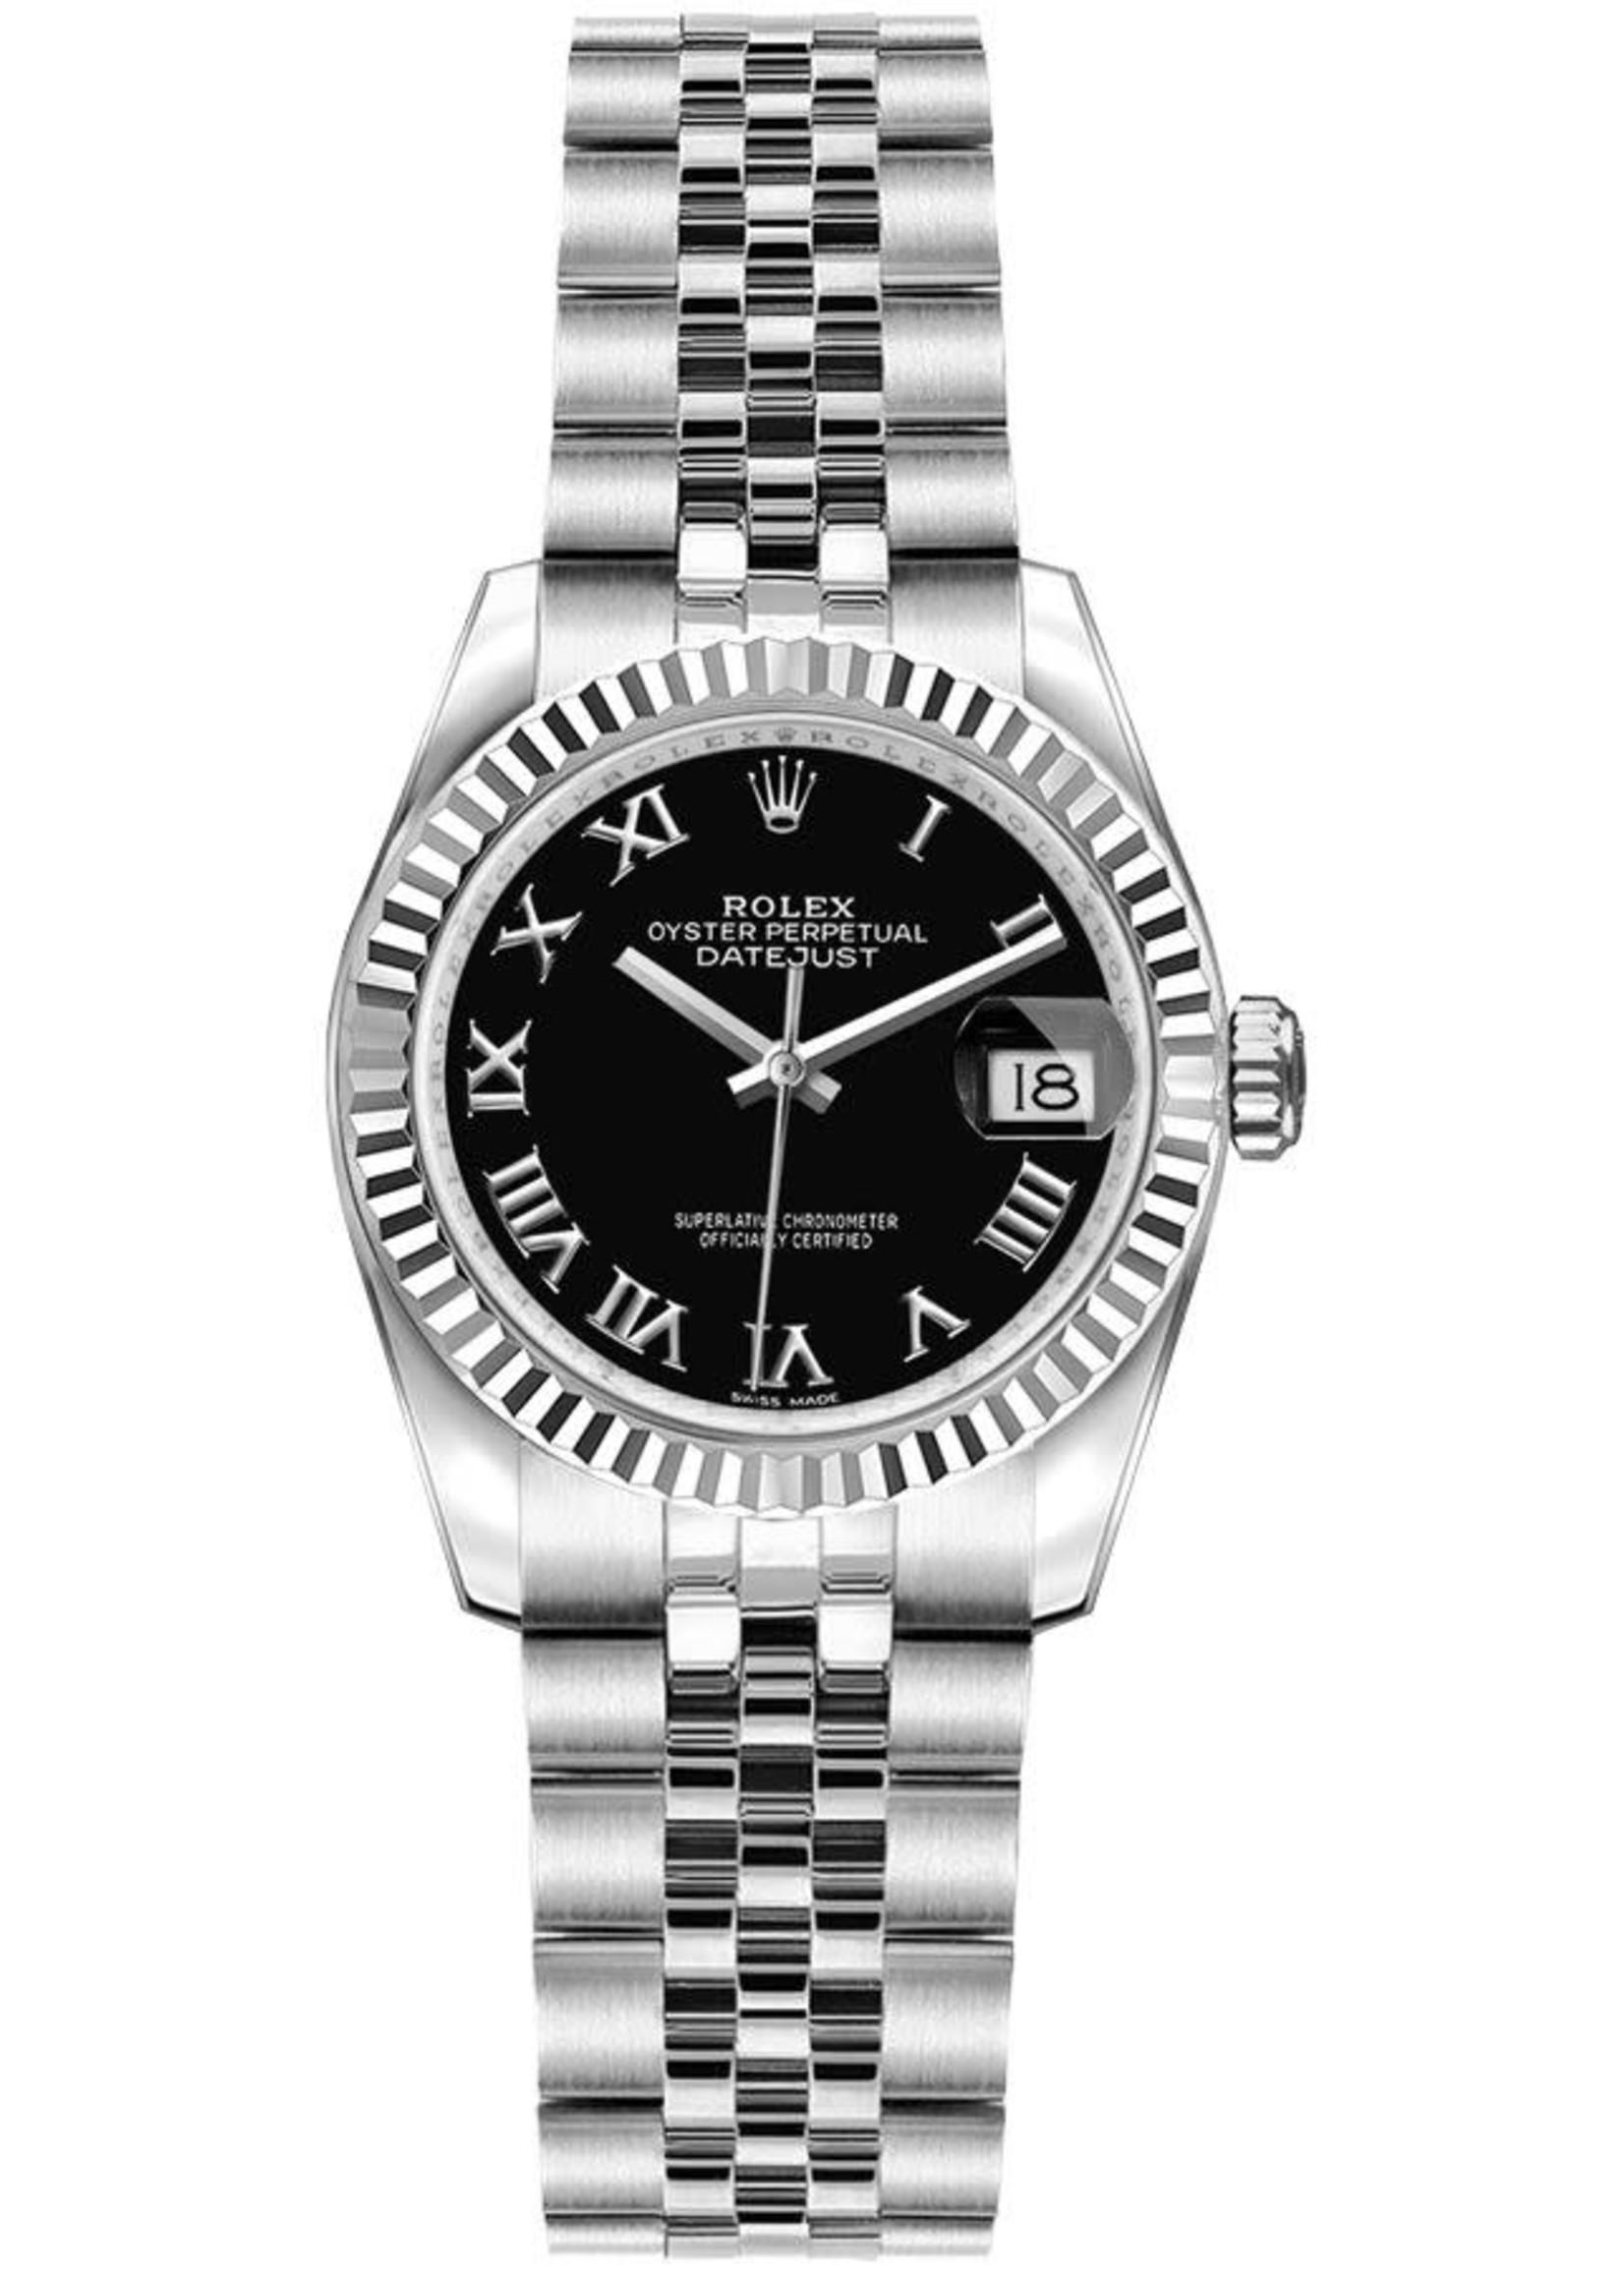 Rolex Watches ROLEX DATEJUST 26MM #179174 (2007 B+P)